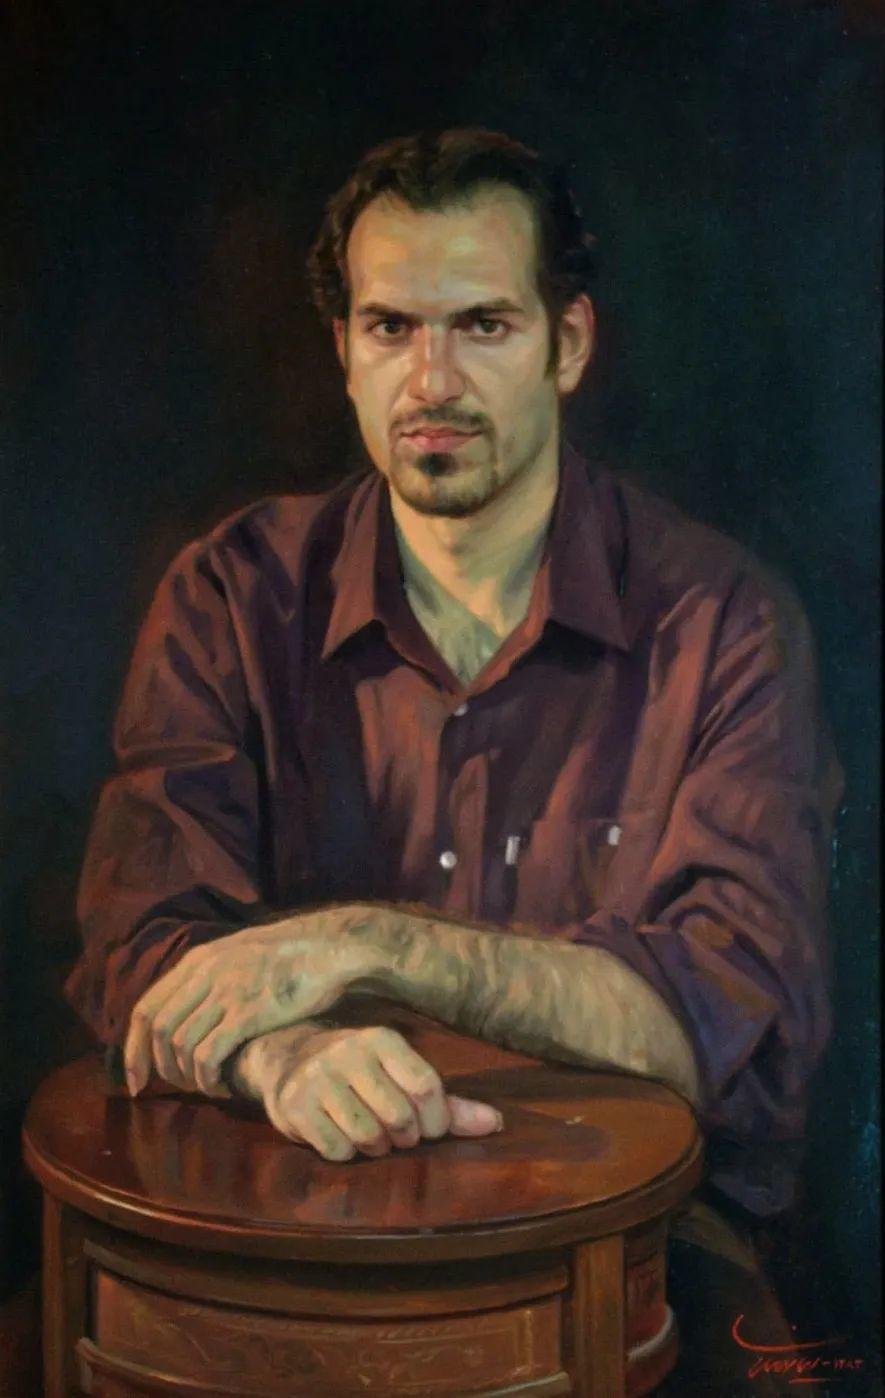 隐藏于内的情感释放,伊朗画家Iman Maleki插图99